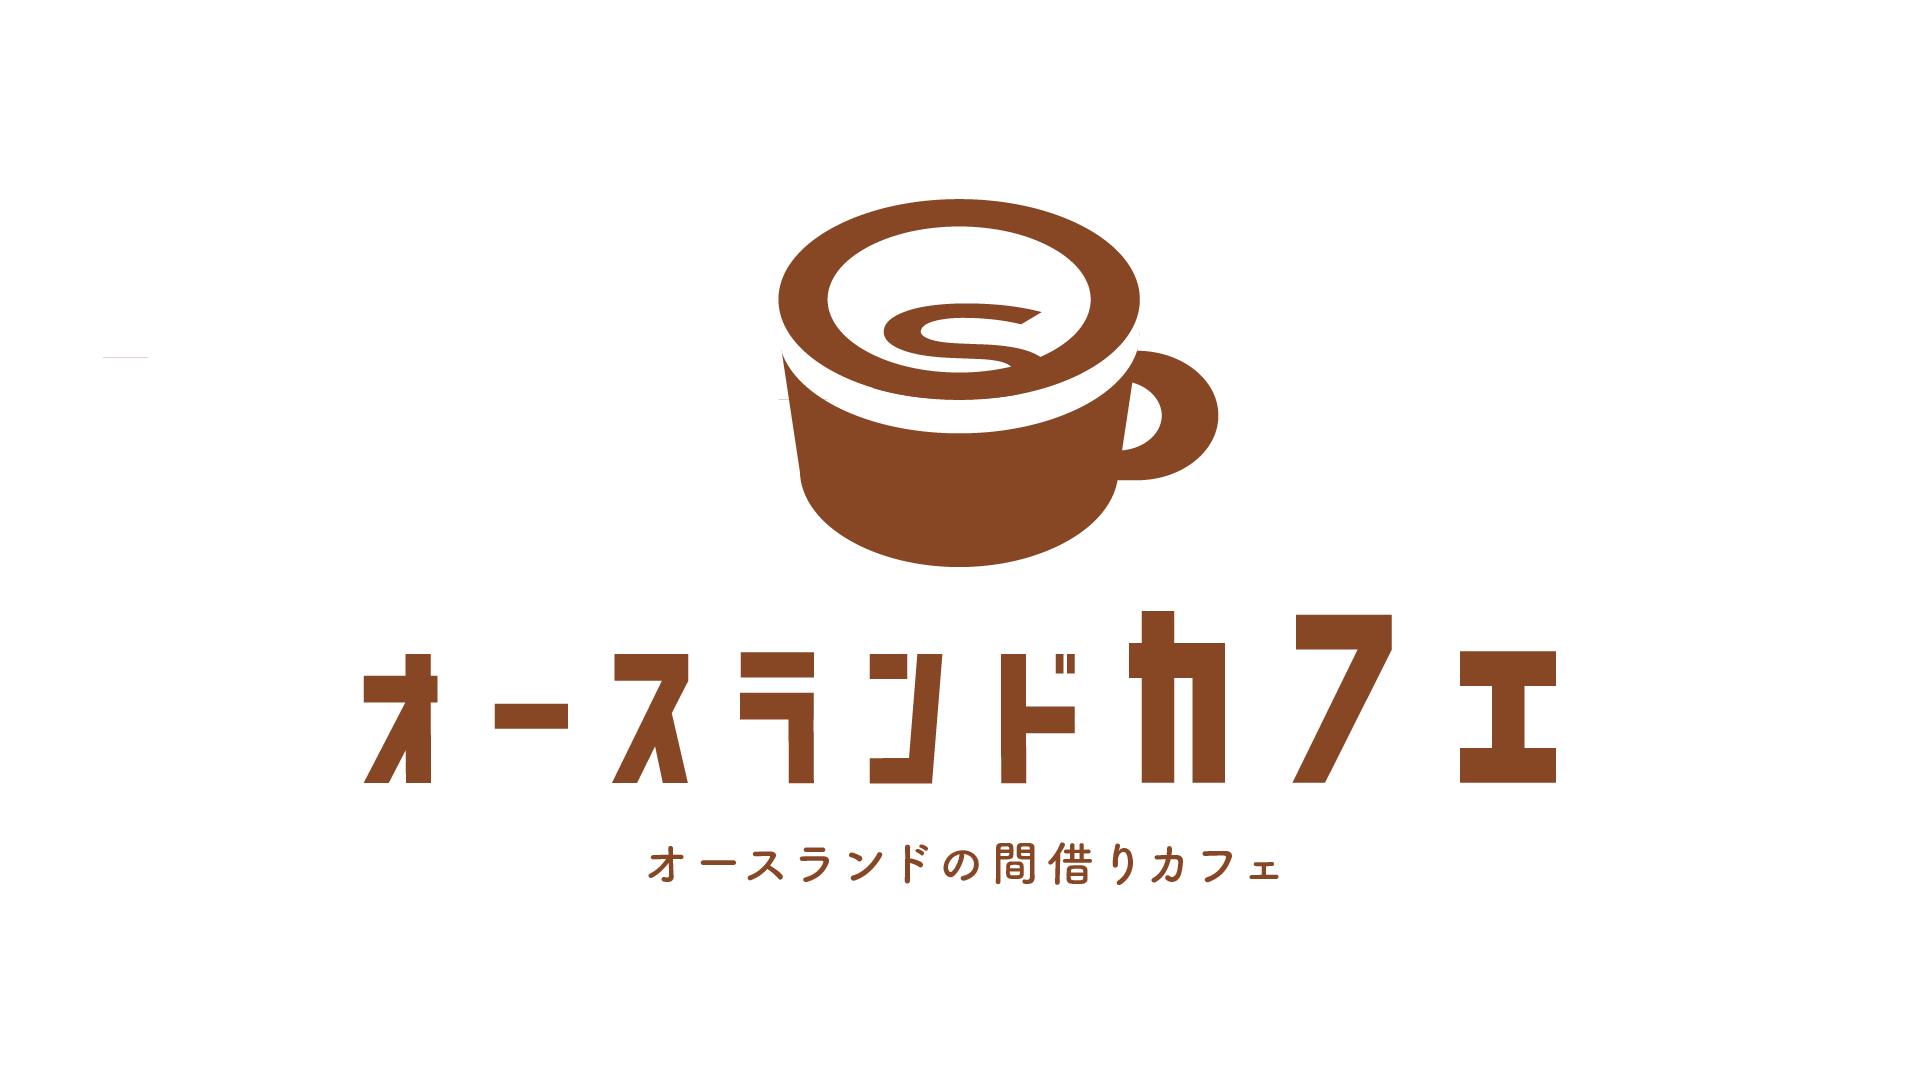 間借りカフェをしたい方